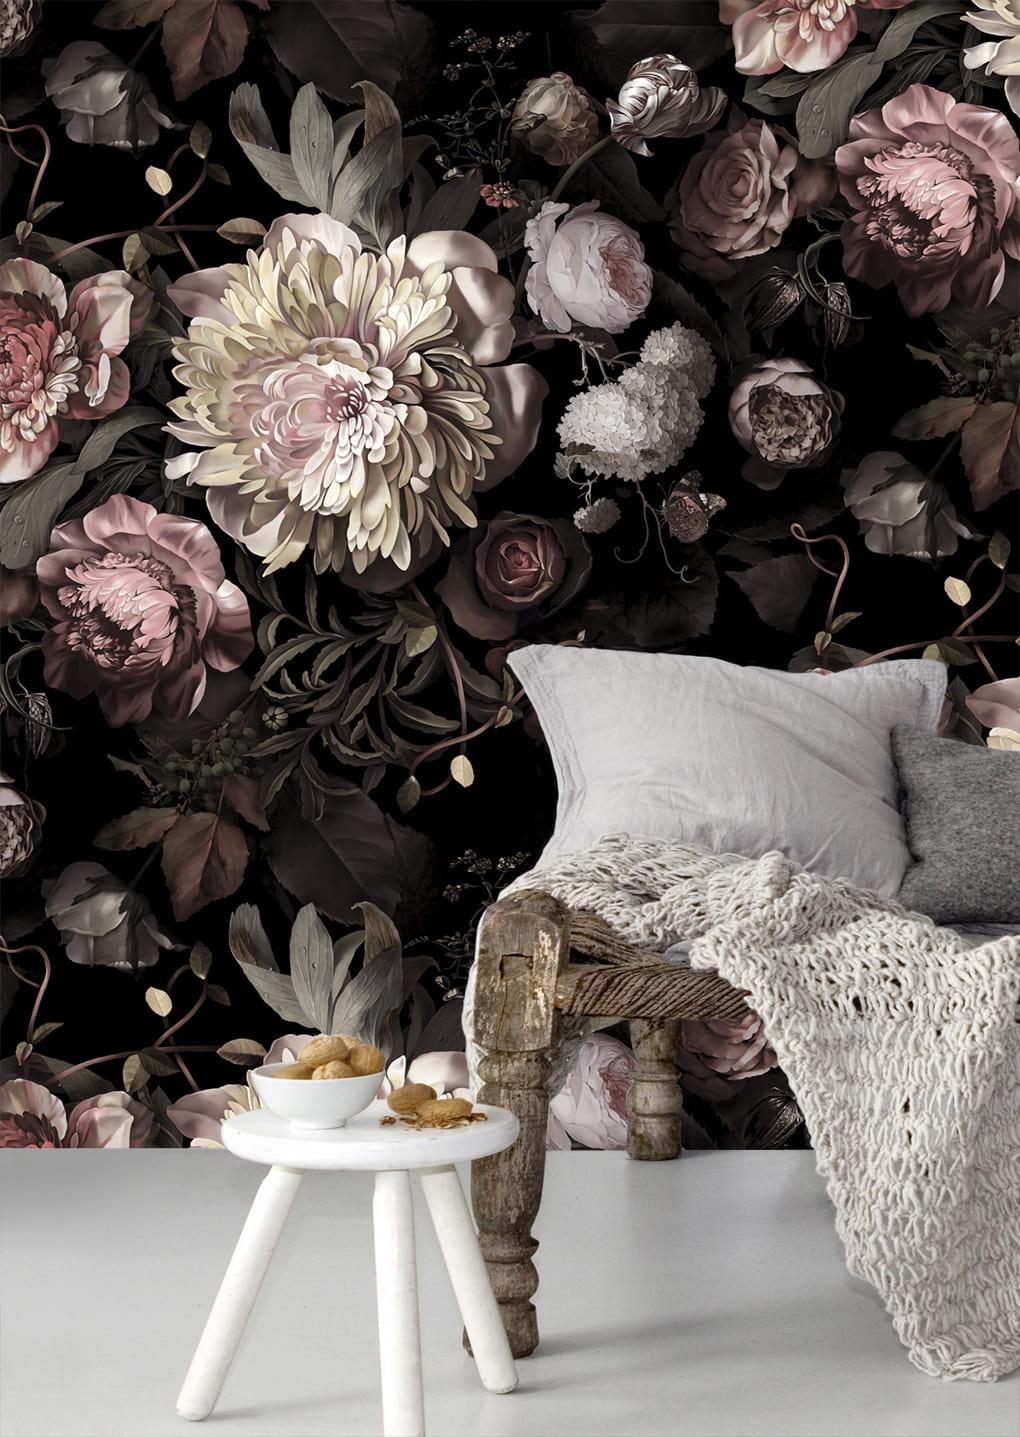 Фотообои с цветами излюбленный прием в оформлении спального интерьера